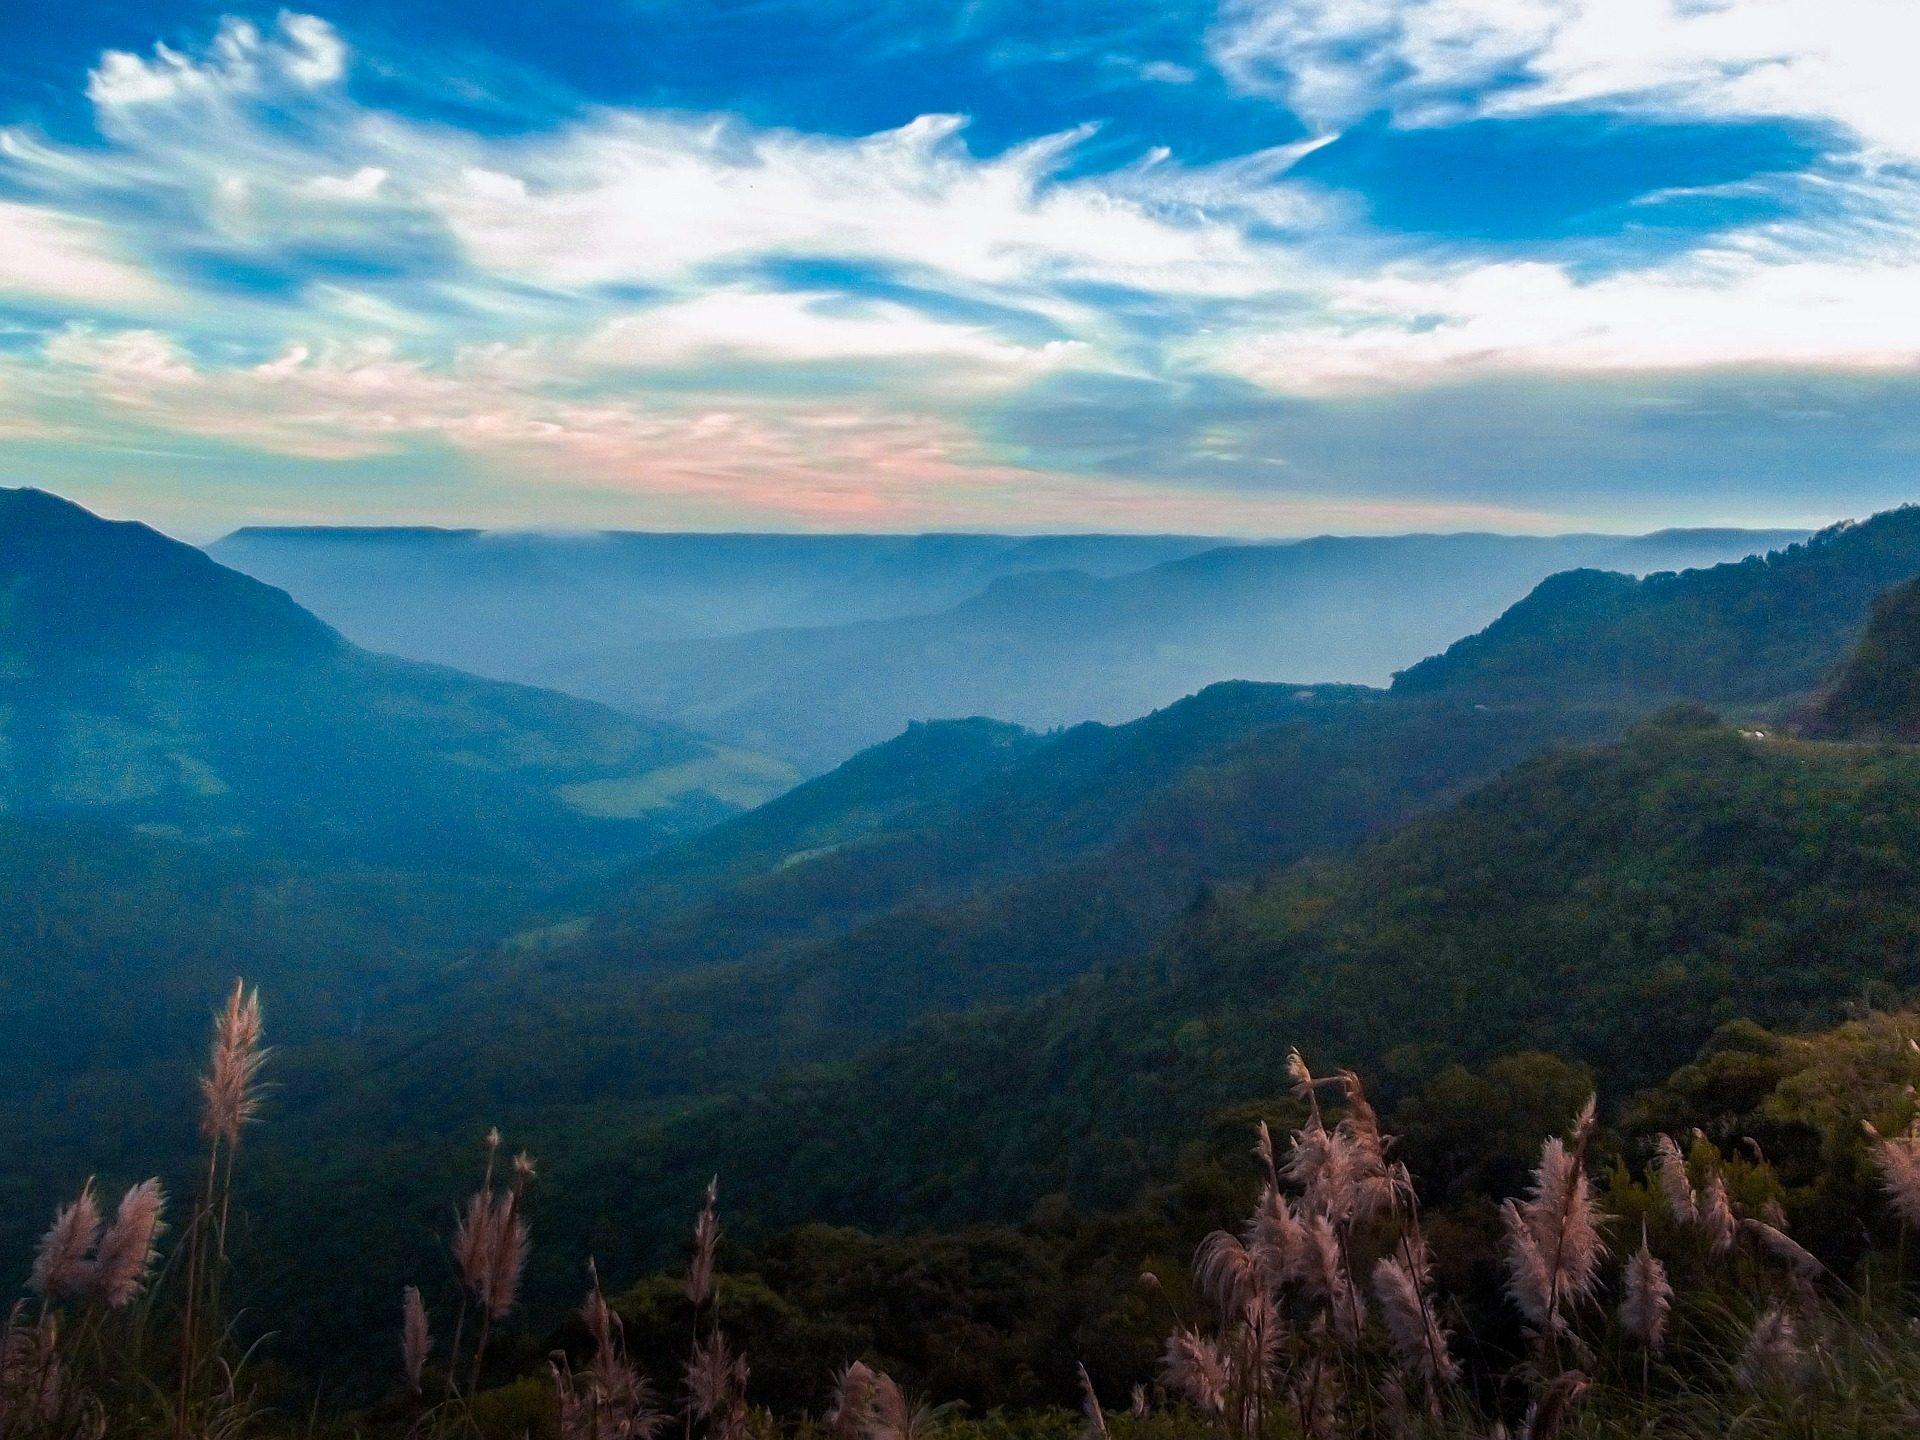 montañas, bosque, vegetación, niebla, cielo, nubes - Fondos de Pantalla HD - professor-falken.com